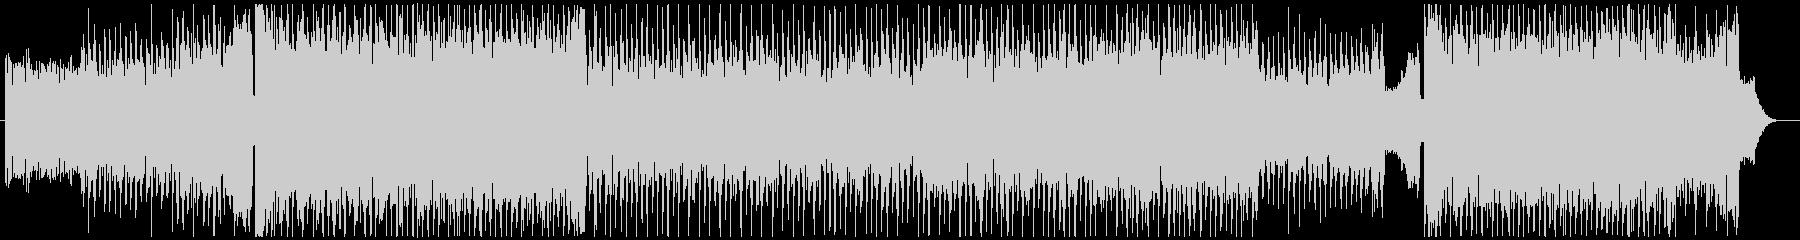 怪しく歪な雰囲気のEDM系BGMの未再生の波形